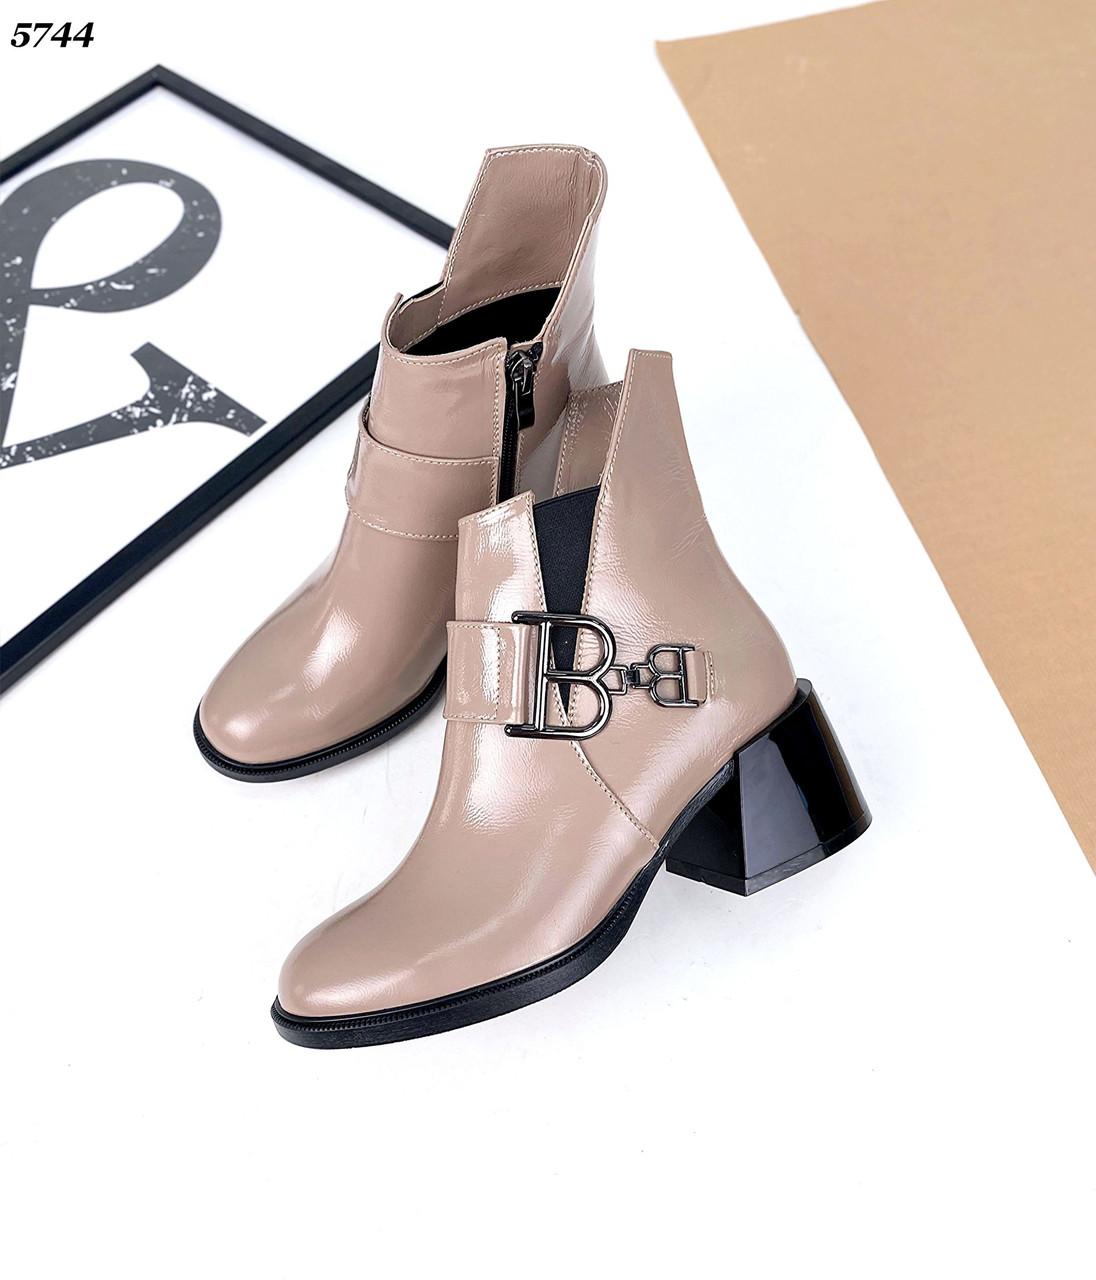 Женские кожаные лаковые демисезонные ботинки на каблуке 36-41 р визон